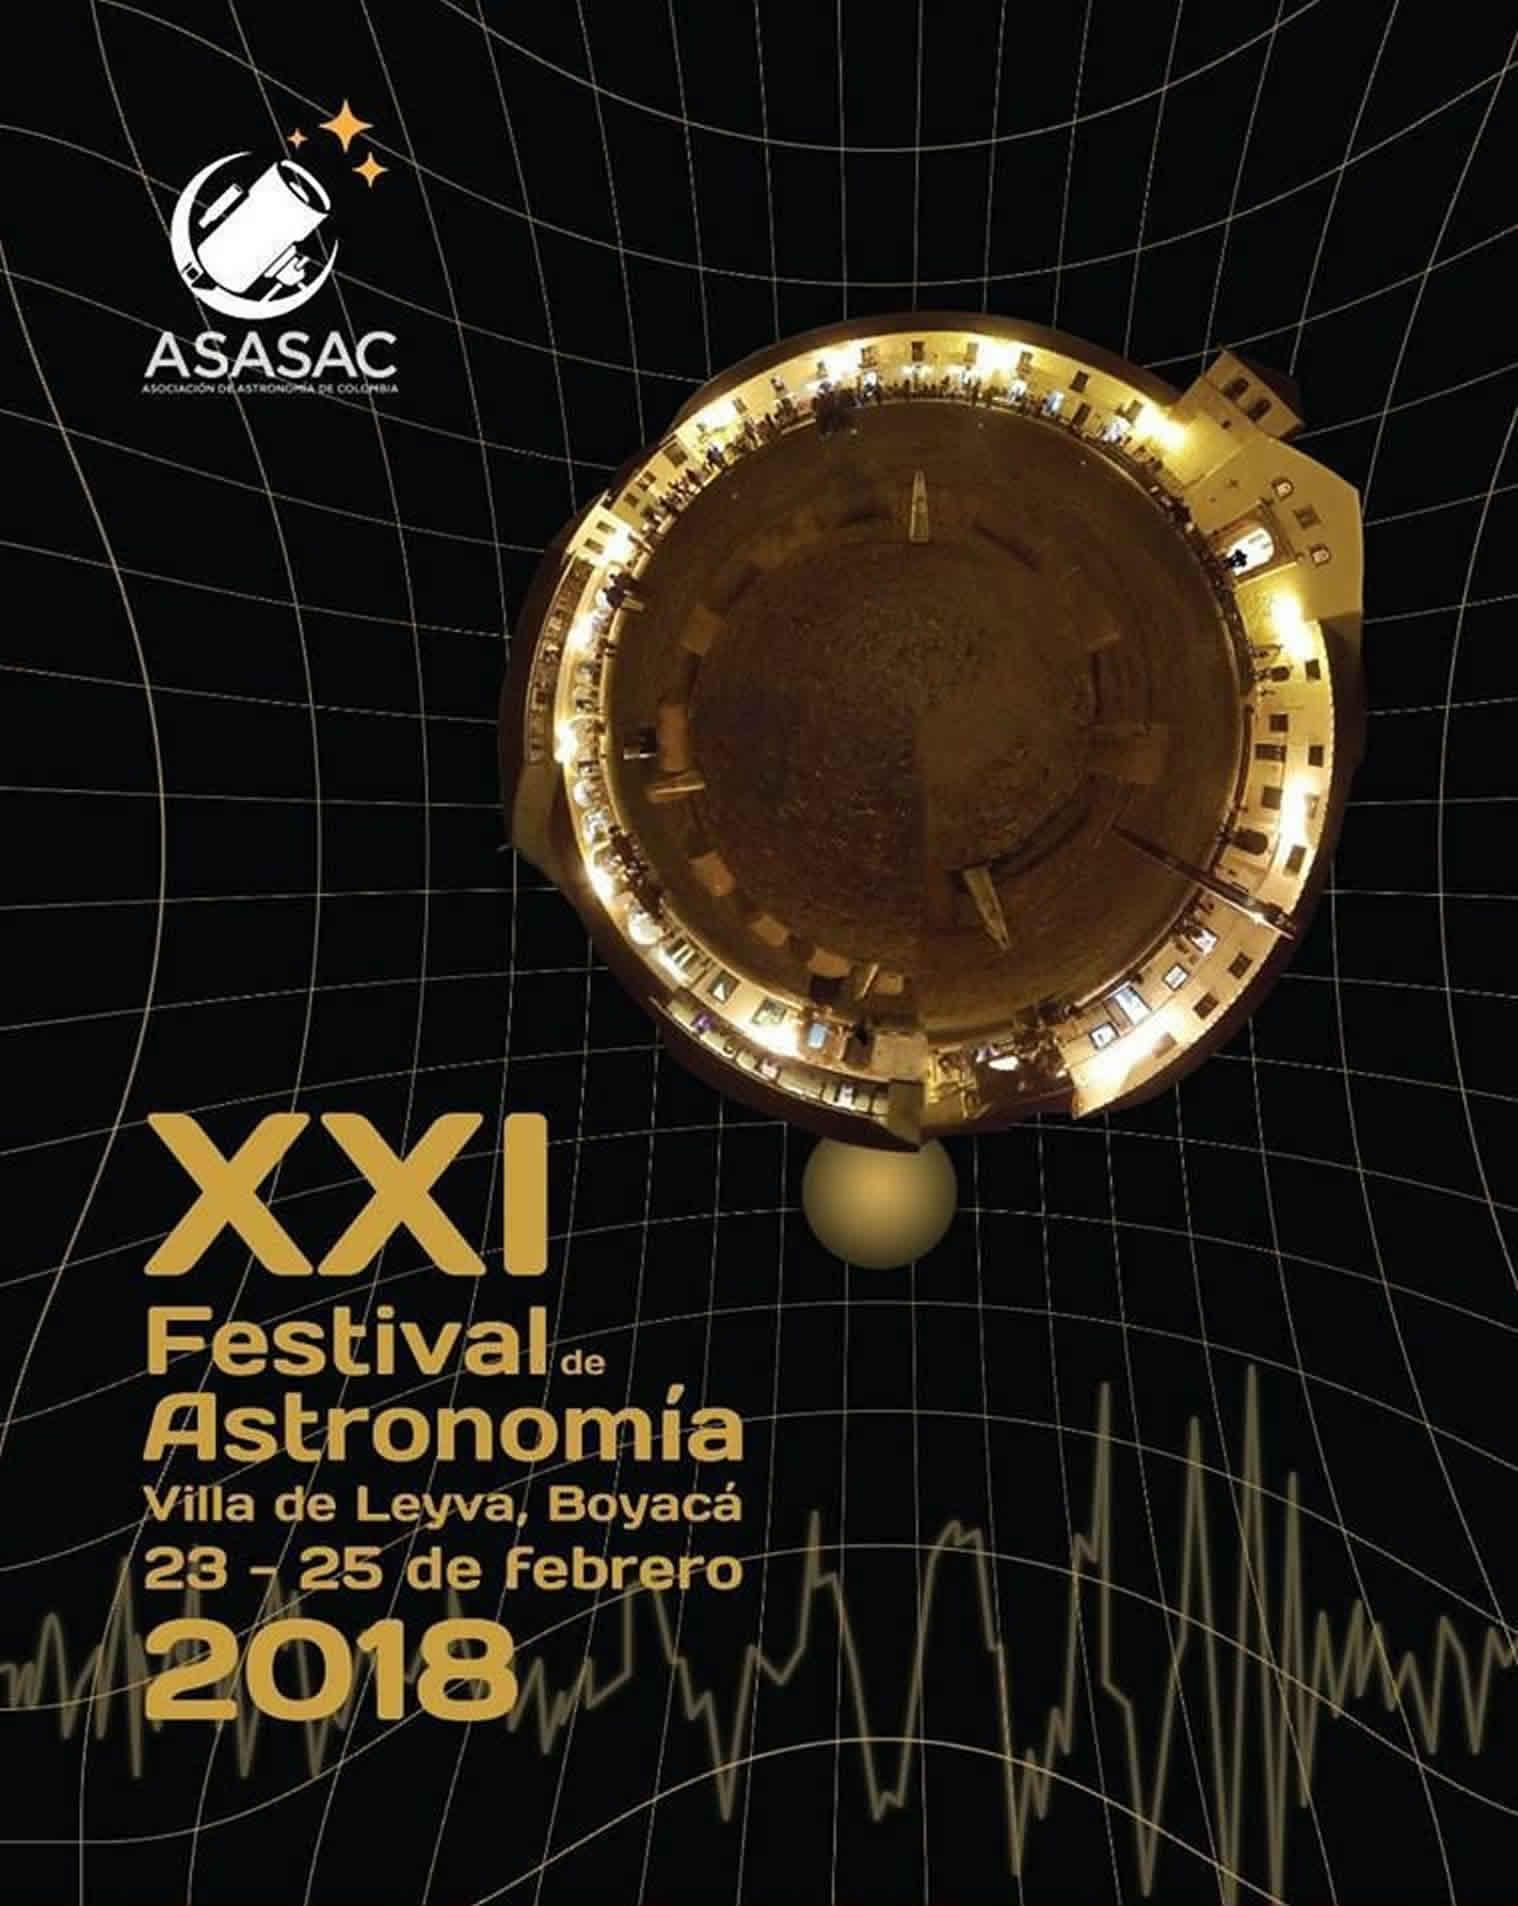 XXI Festival de astronomia de Villa de Leyva - 2018